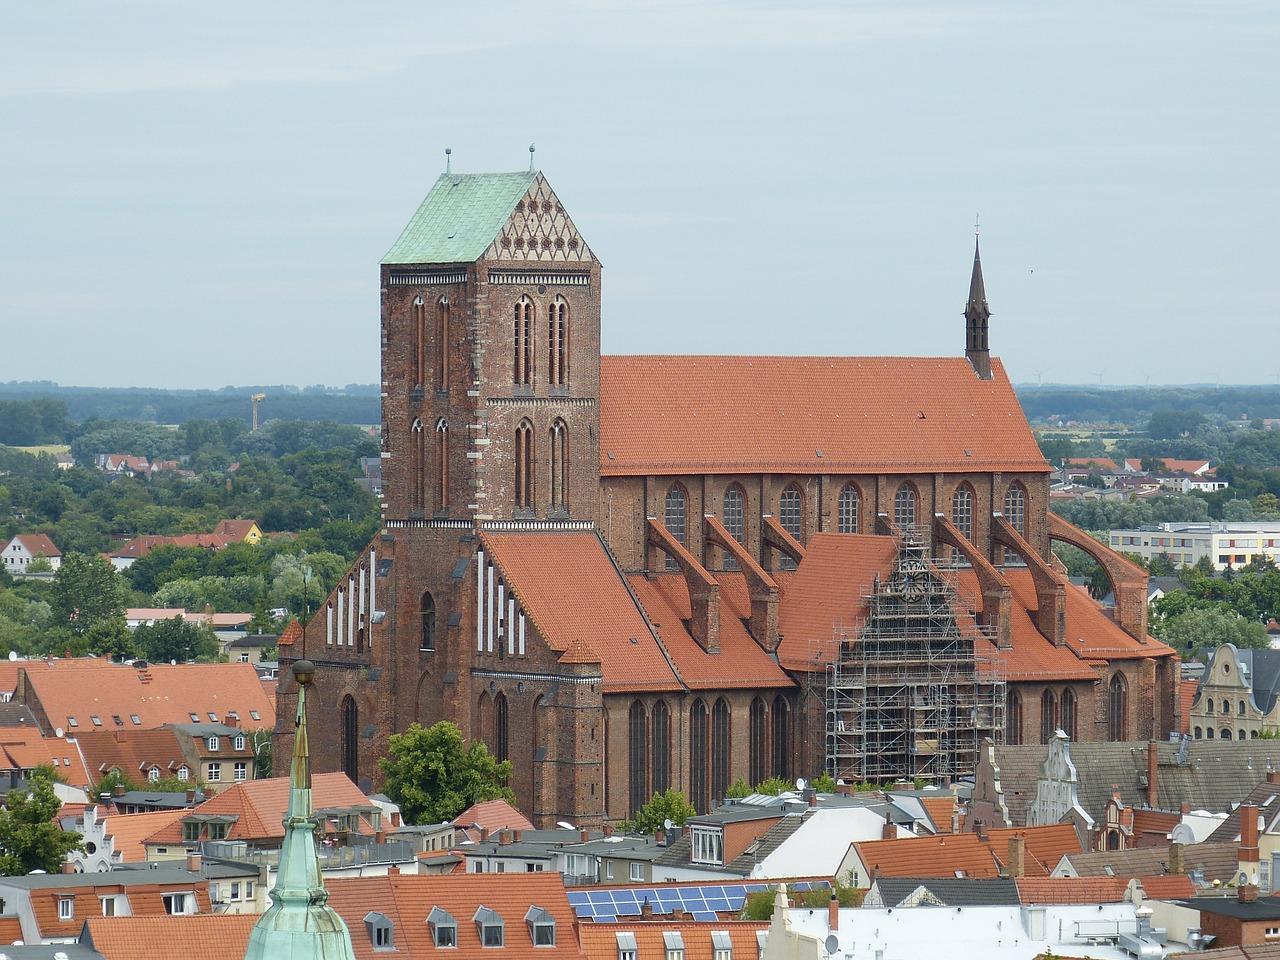 Quelle: https://pixabay.com/de/wismar-ausblick-altstadt-historisch-486828/